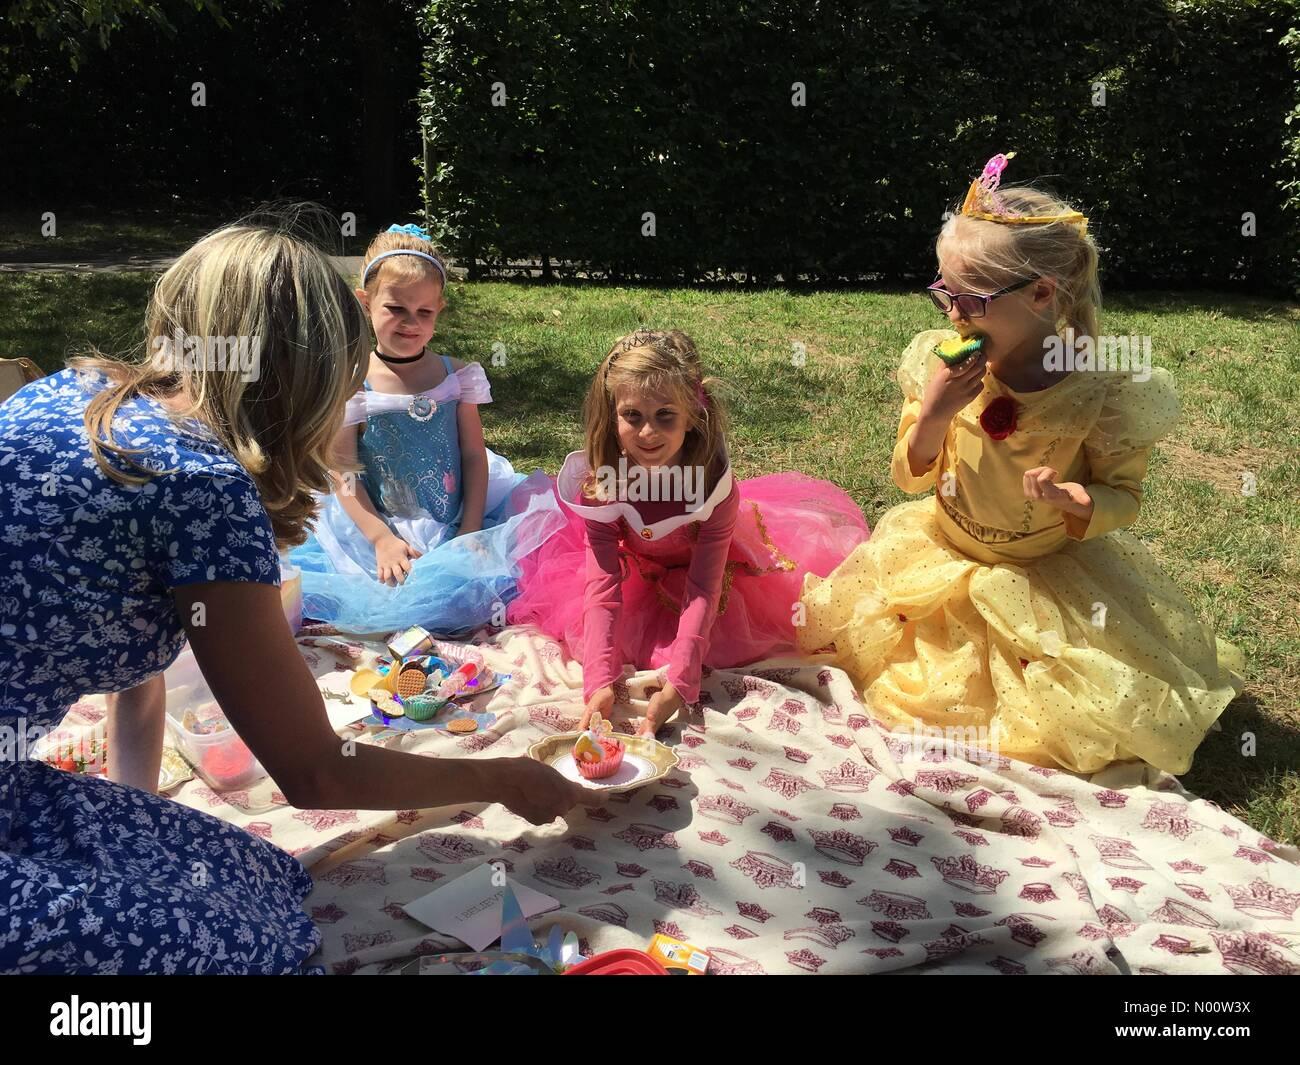 Hampton Court, Greater London, England Regno Unito 28 luglio 2018 Cecily (in rosa) da Londra diventa di sei anni oggi presso i Giardini di Hampton Court Palace. (Scritto il permesso dei genitori concesso) Foto Stock